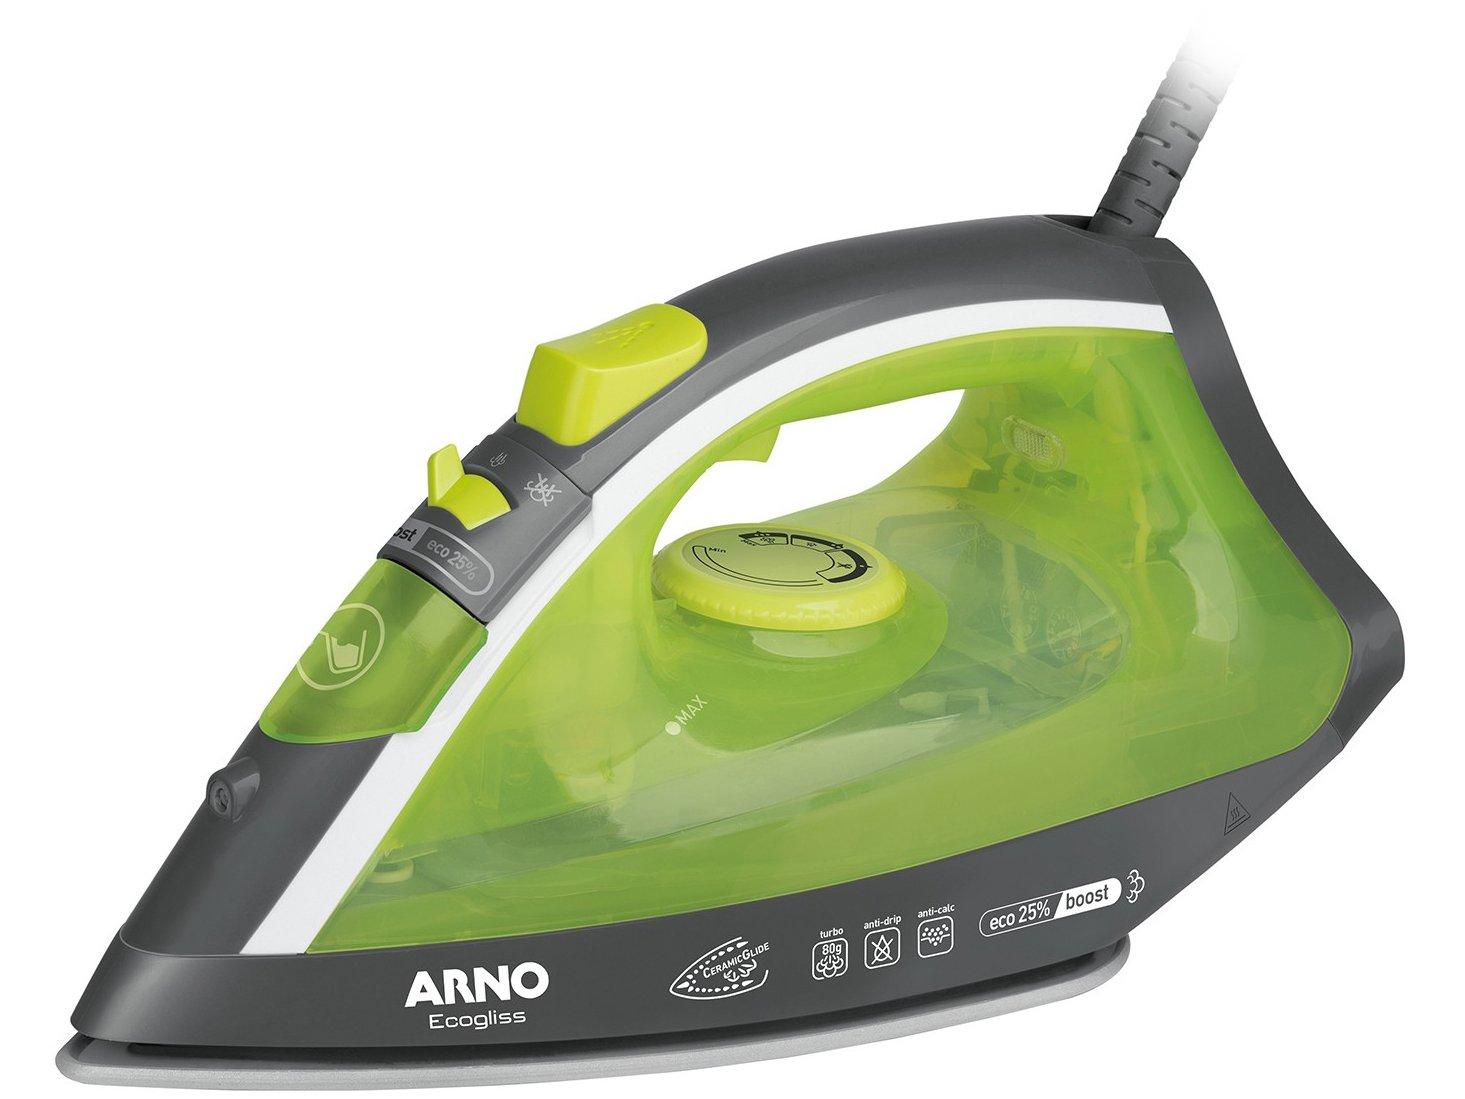 Ferro de Passar a Vapor Arno Ecogliss FEC1 com Spray - Verde - 110V - 4